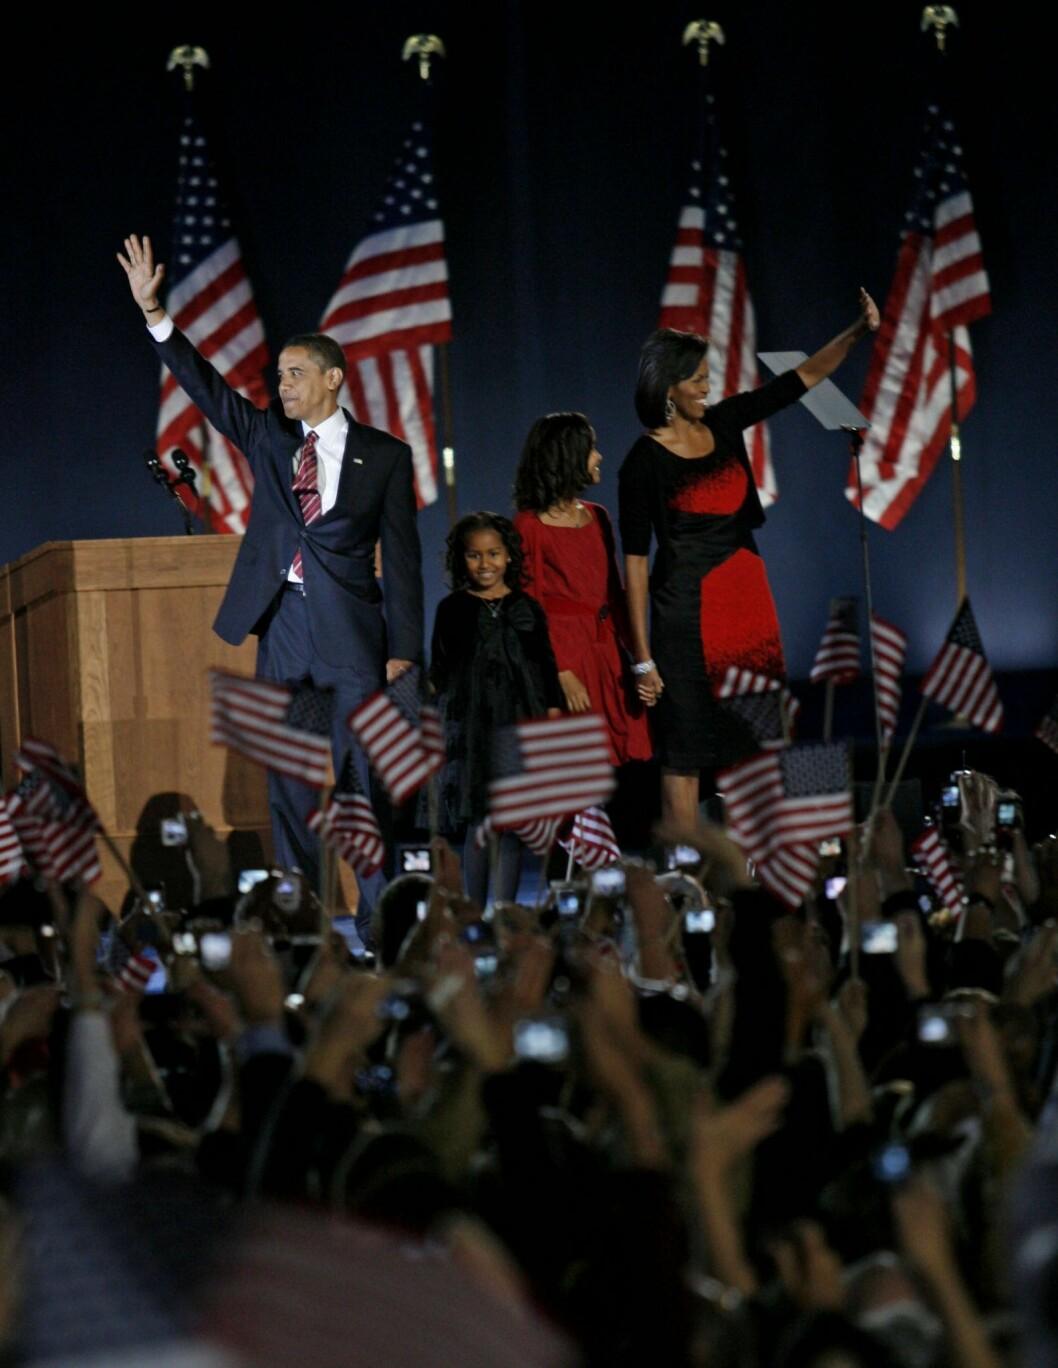 Familjen Obama står på en scen och vinkar till folkmassorna som viftar med amerikanska flaggor